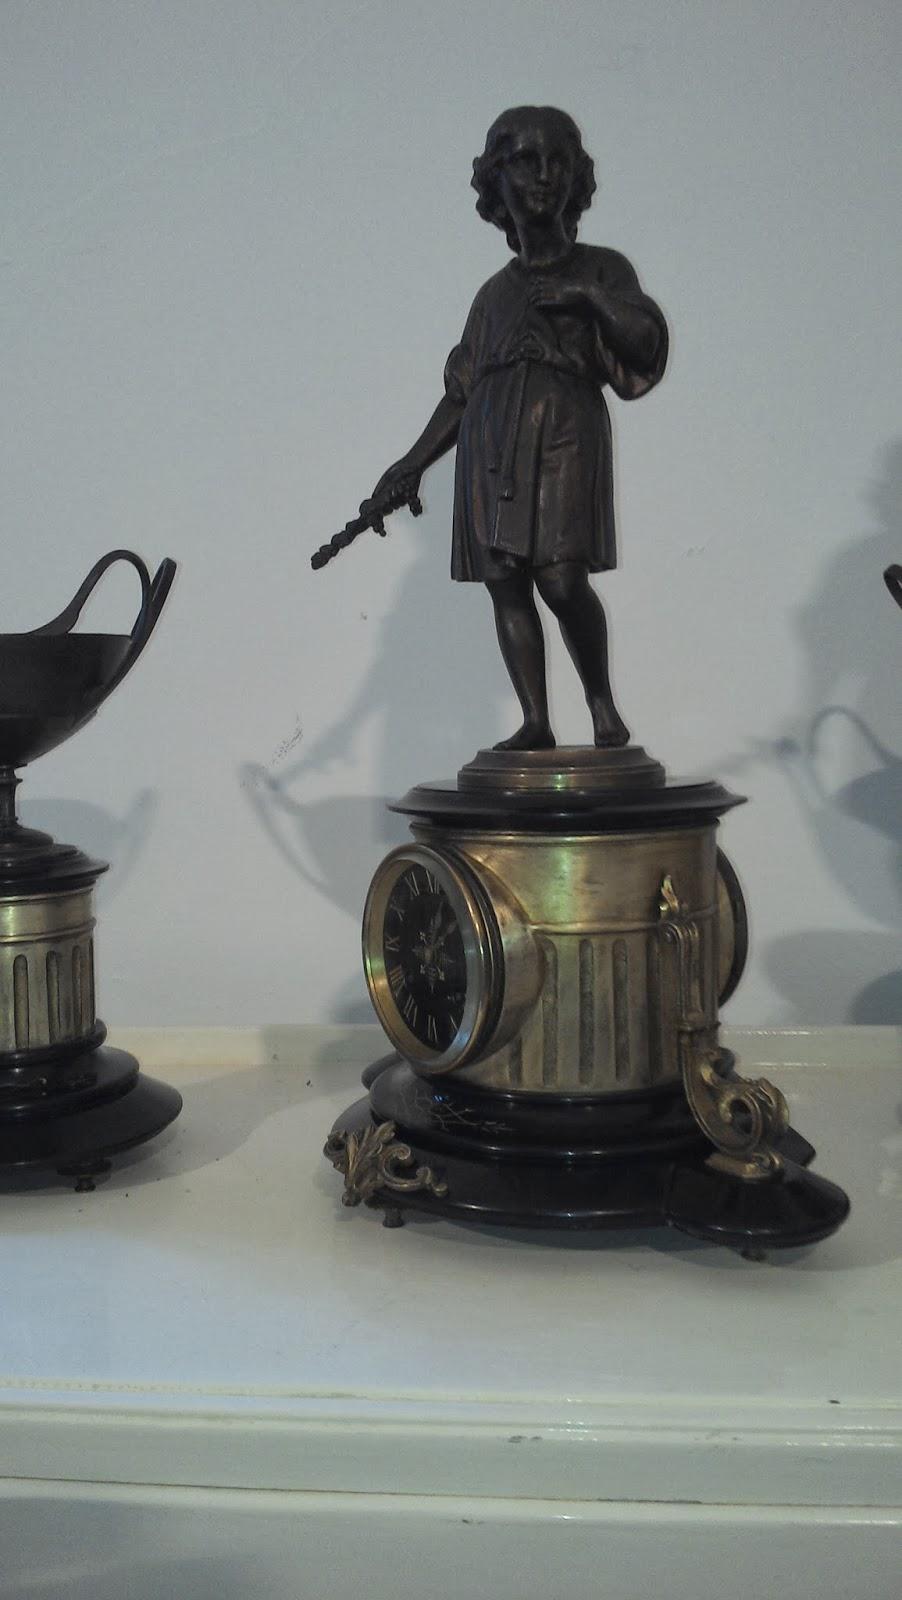 alten putz bronze kamin burg uhr bronze und schwarzem marmor uhrwerk paris brocot japy. Black Bedroom Furniture Sets. Home Design Ideas